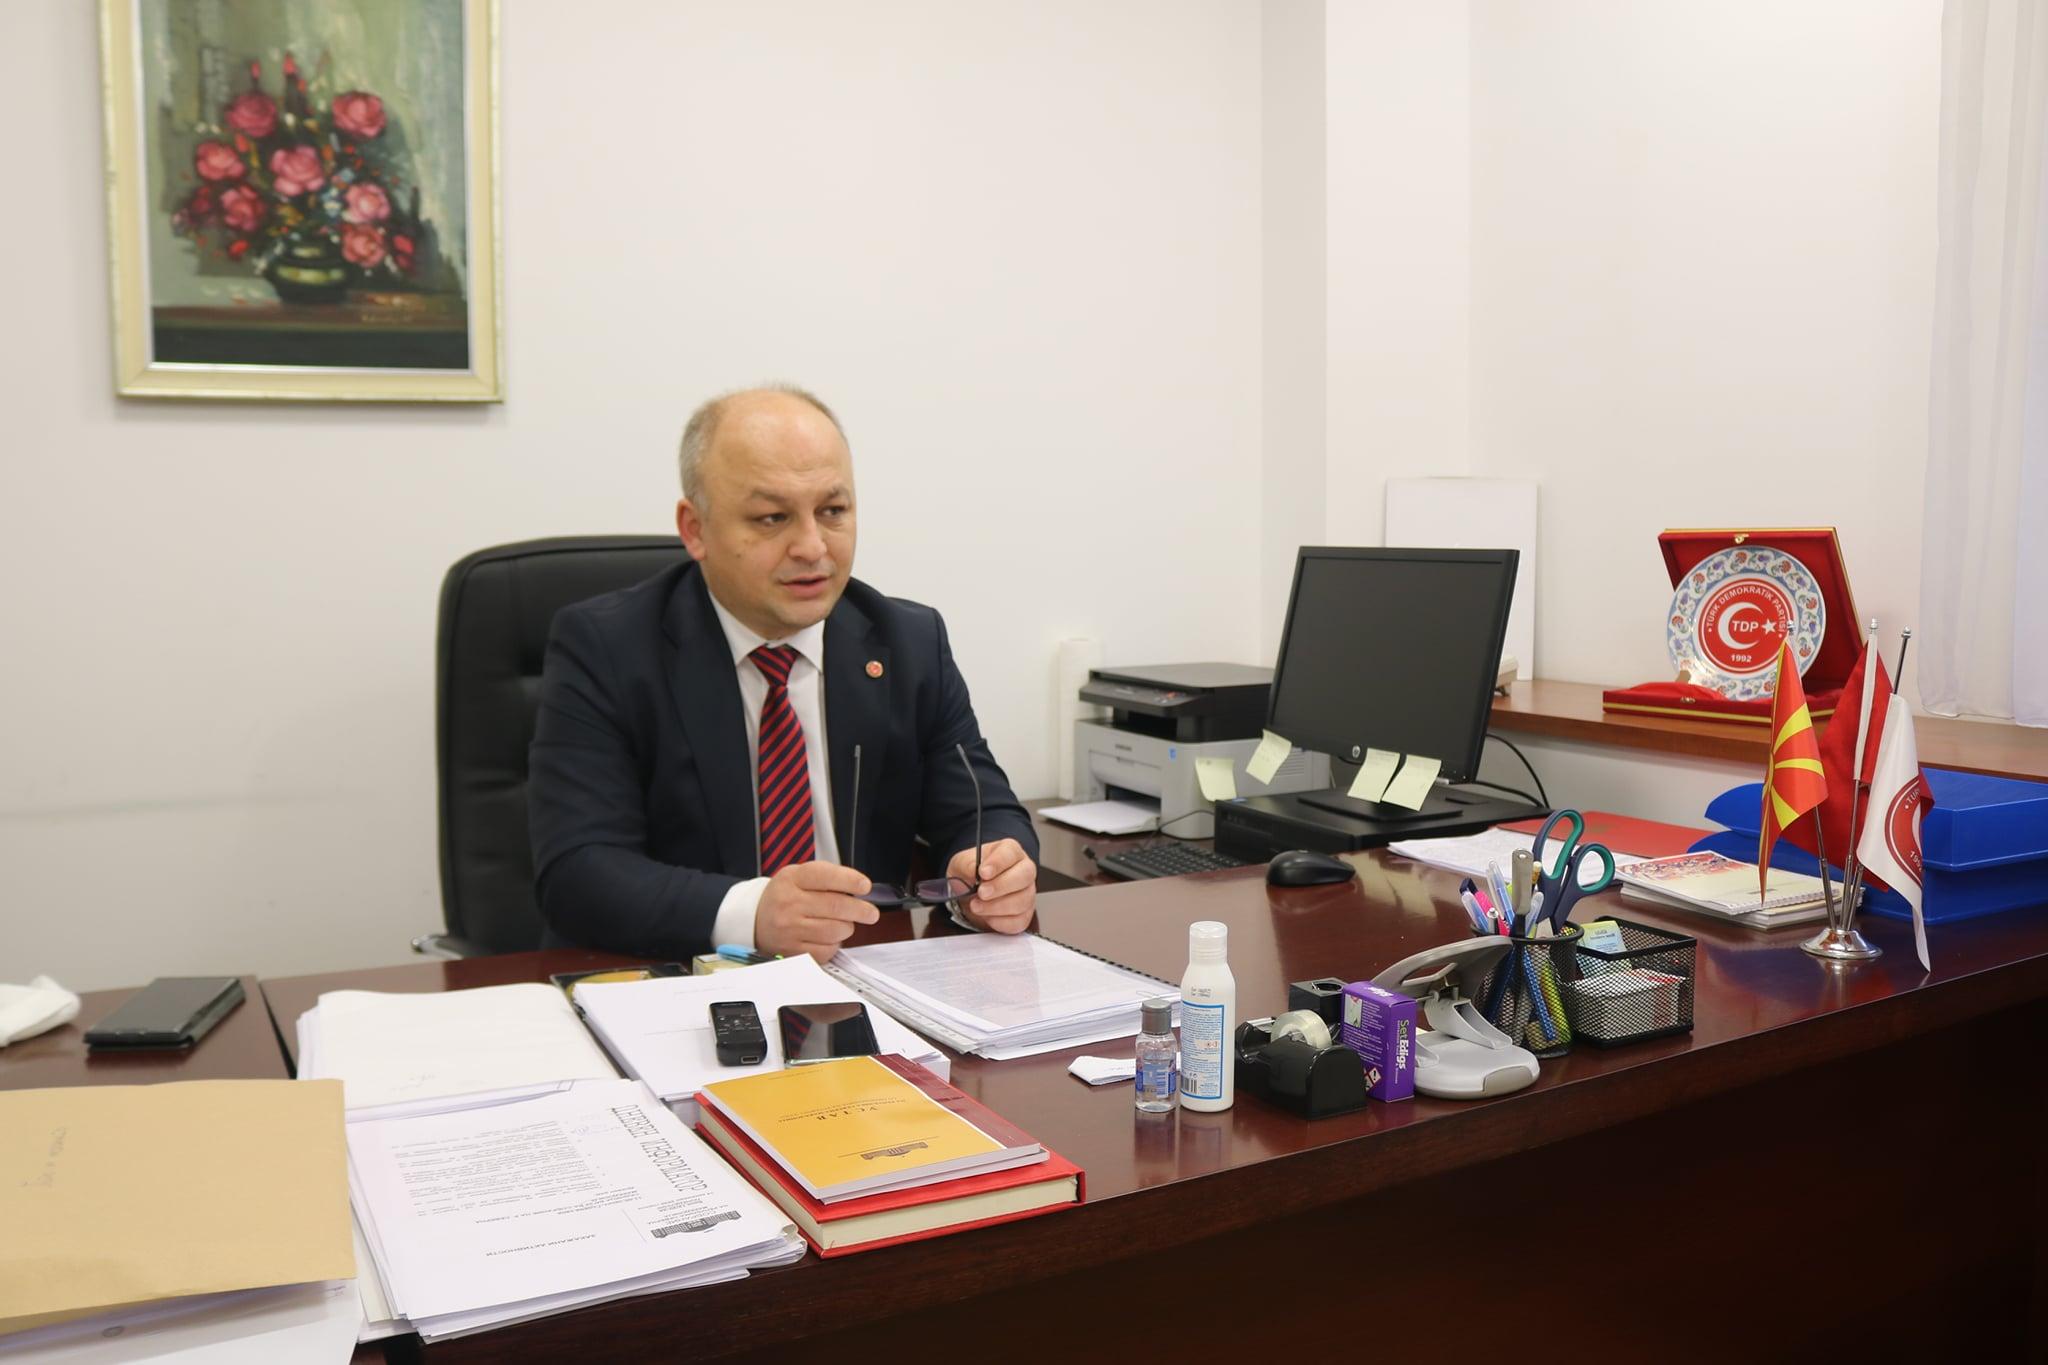 TDP milletvekili İlyas: Bu (nüfus sayımı) bizim için seçimlerden daha önemli bir mesele